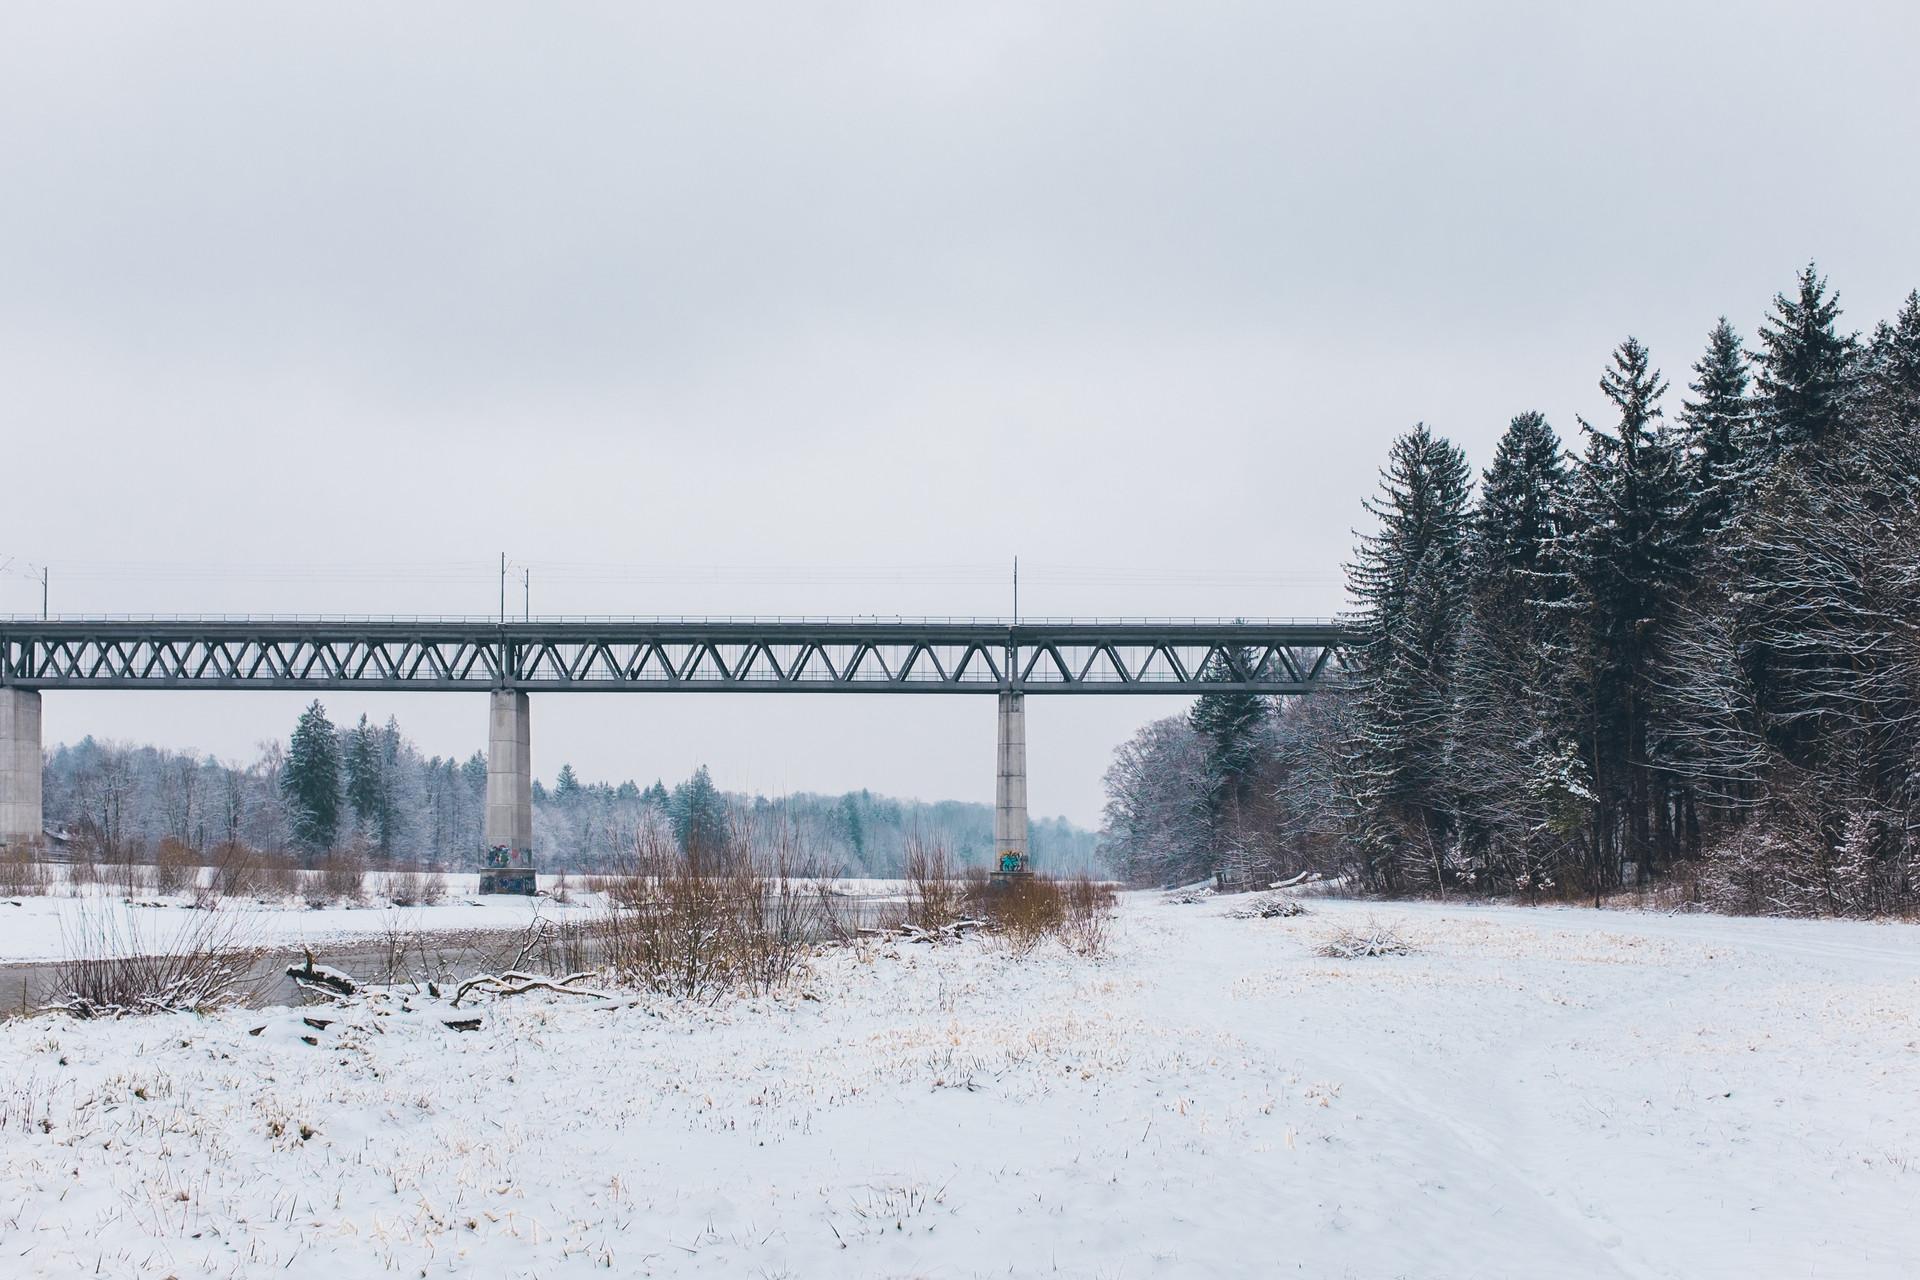 Muenchen Deutschland Fluss Reise Urlaub Winter Schnee kalt Brücke Tal Tourist Farben Reisefotografie Fotografie Foto Fotograf Auftragsfotograf Philipp Löffler Loeffler - München